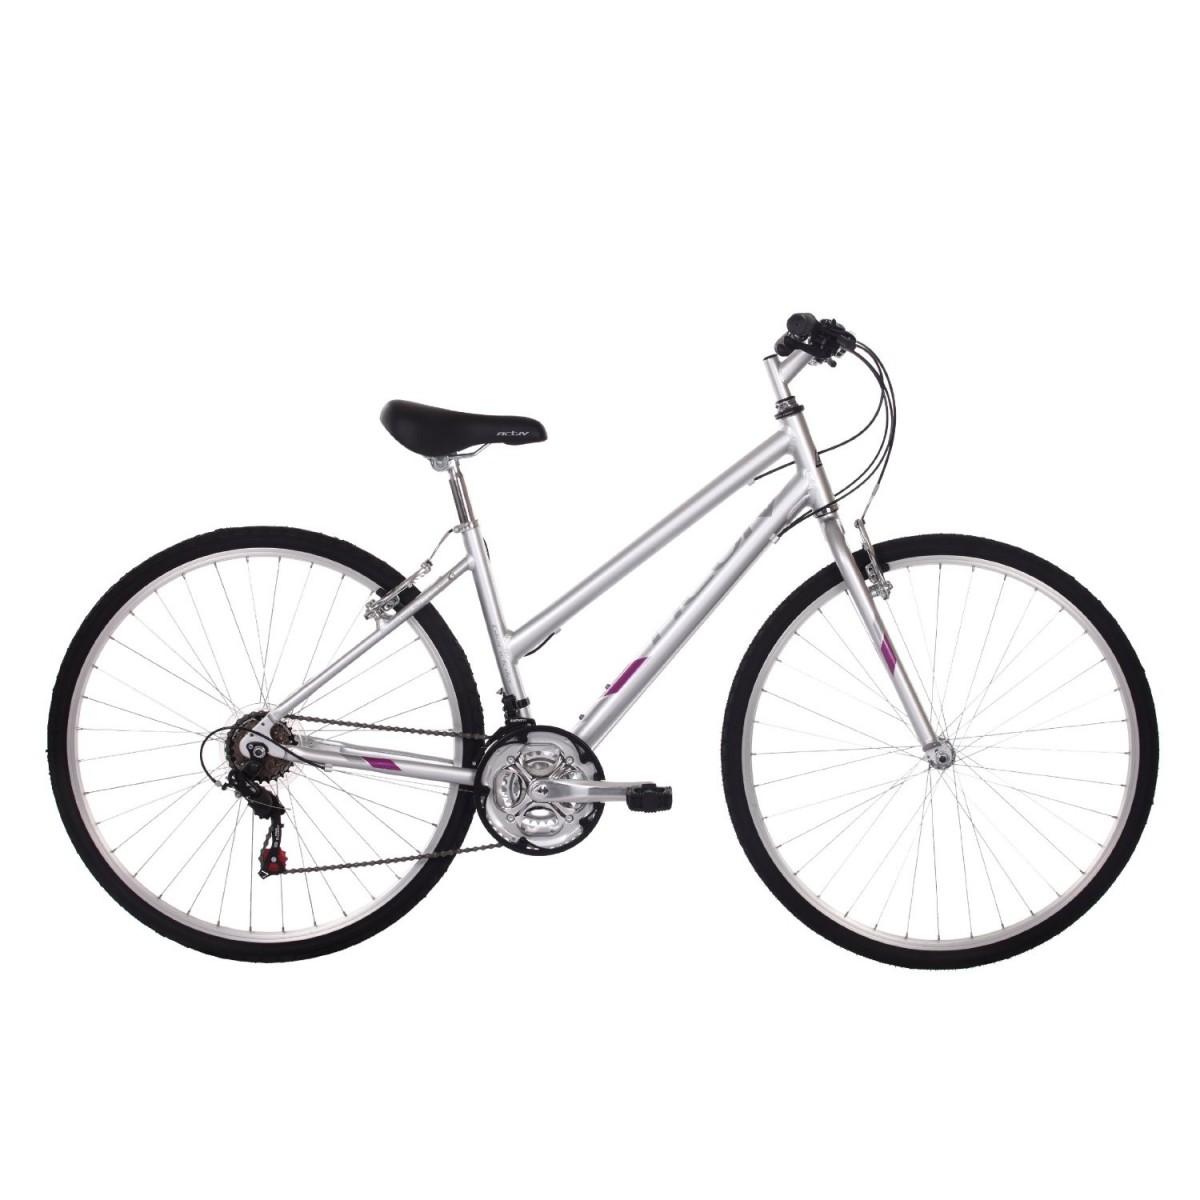 Raleigh Activ Glendale Women S Hybrid Bike